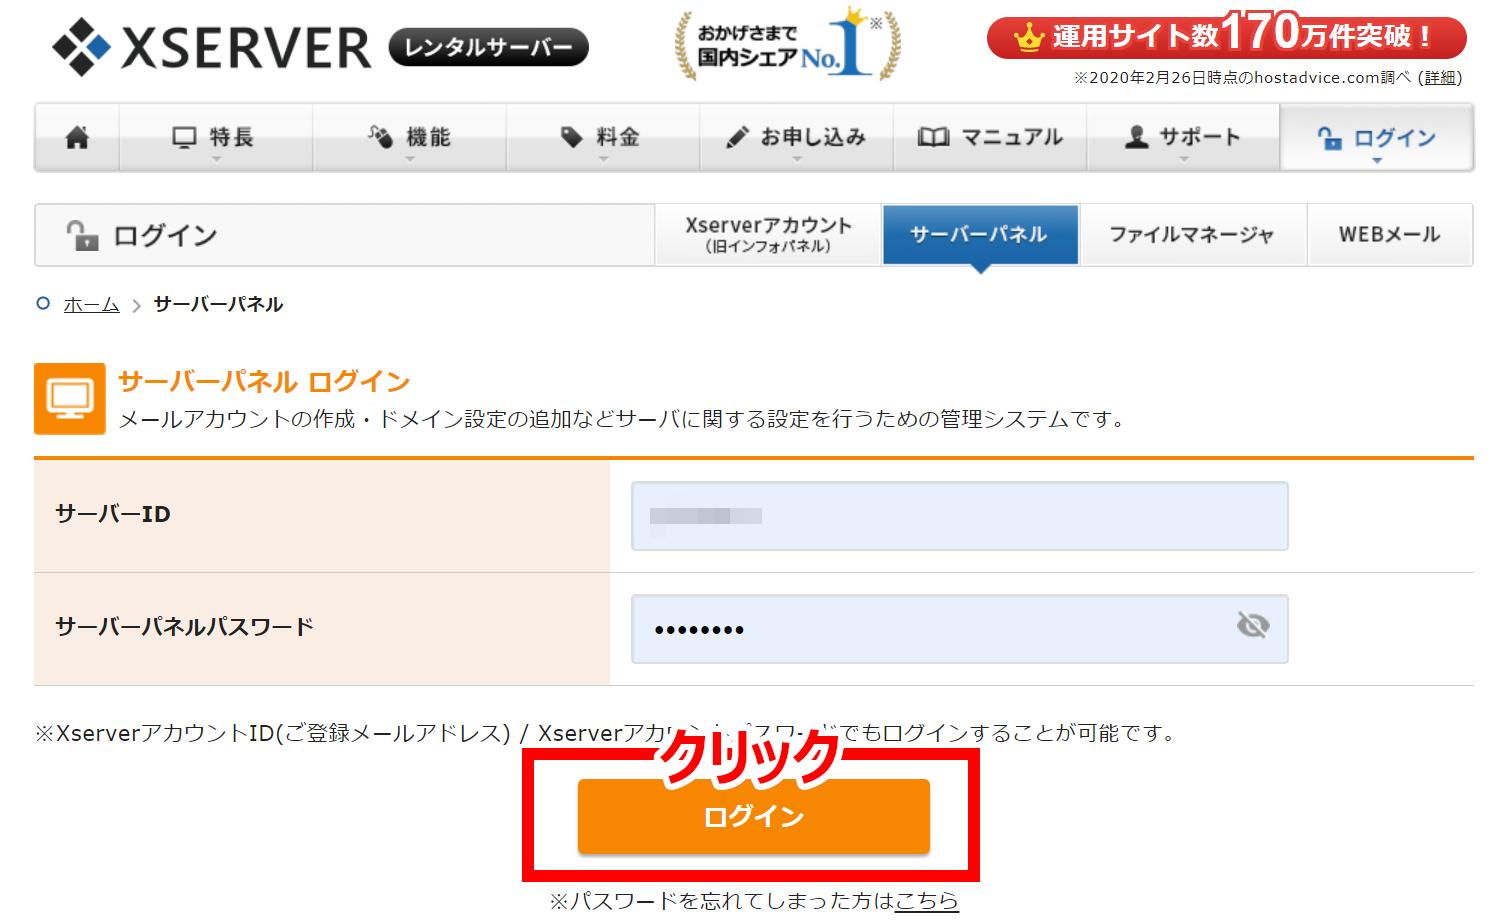 エックスサーバー「サーバーパネル」にログインする画面